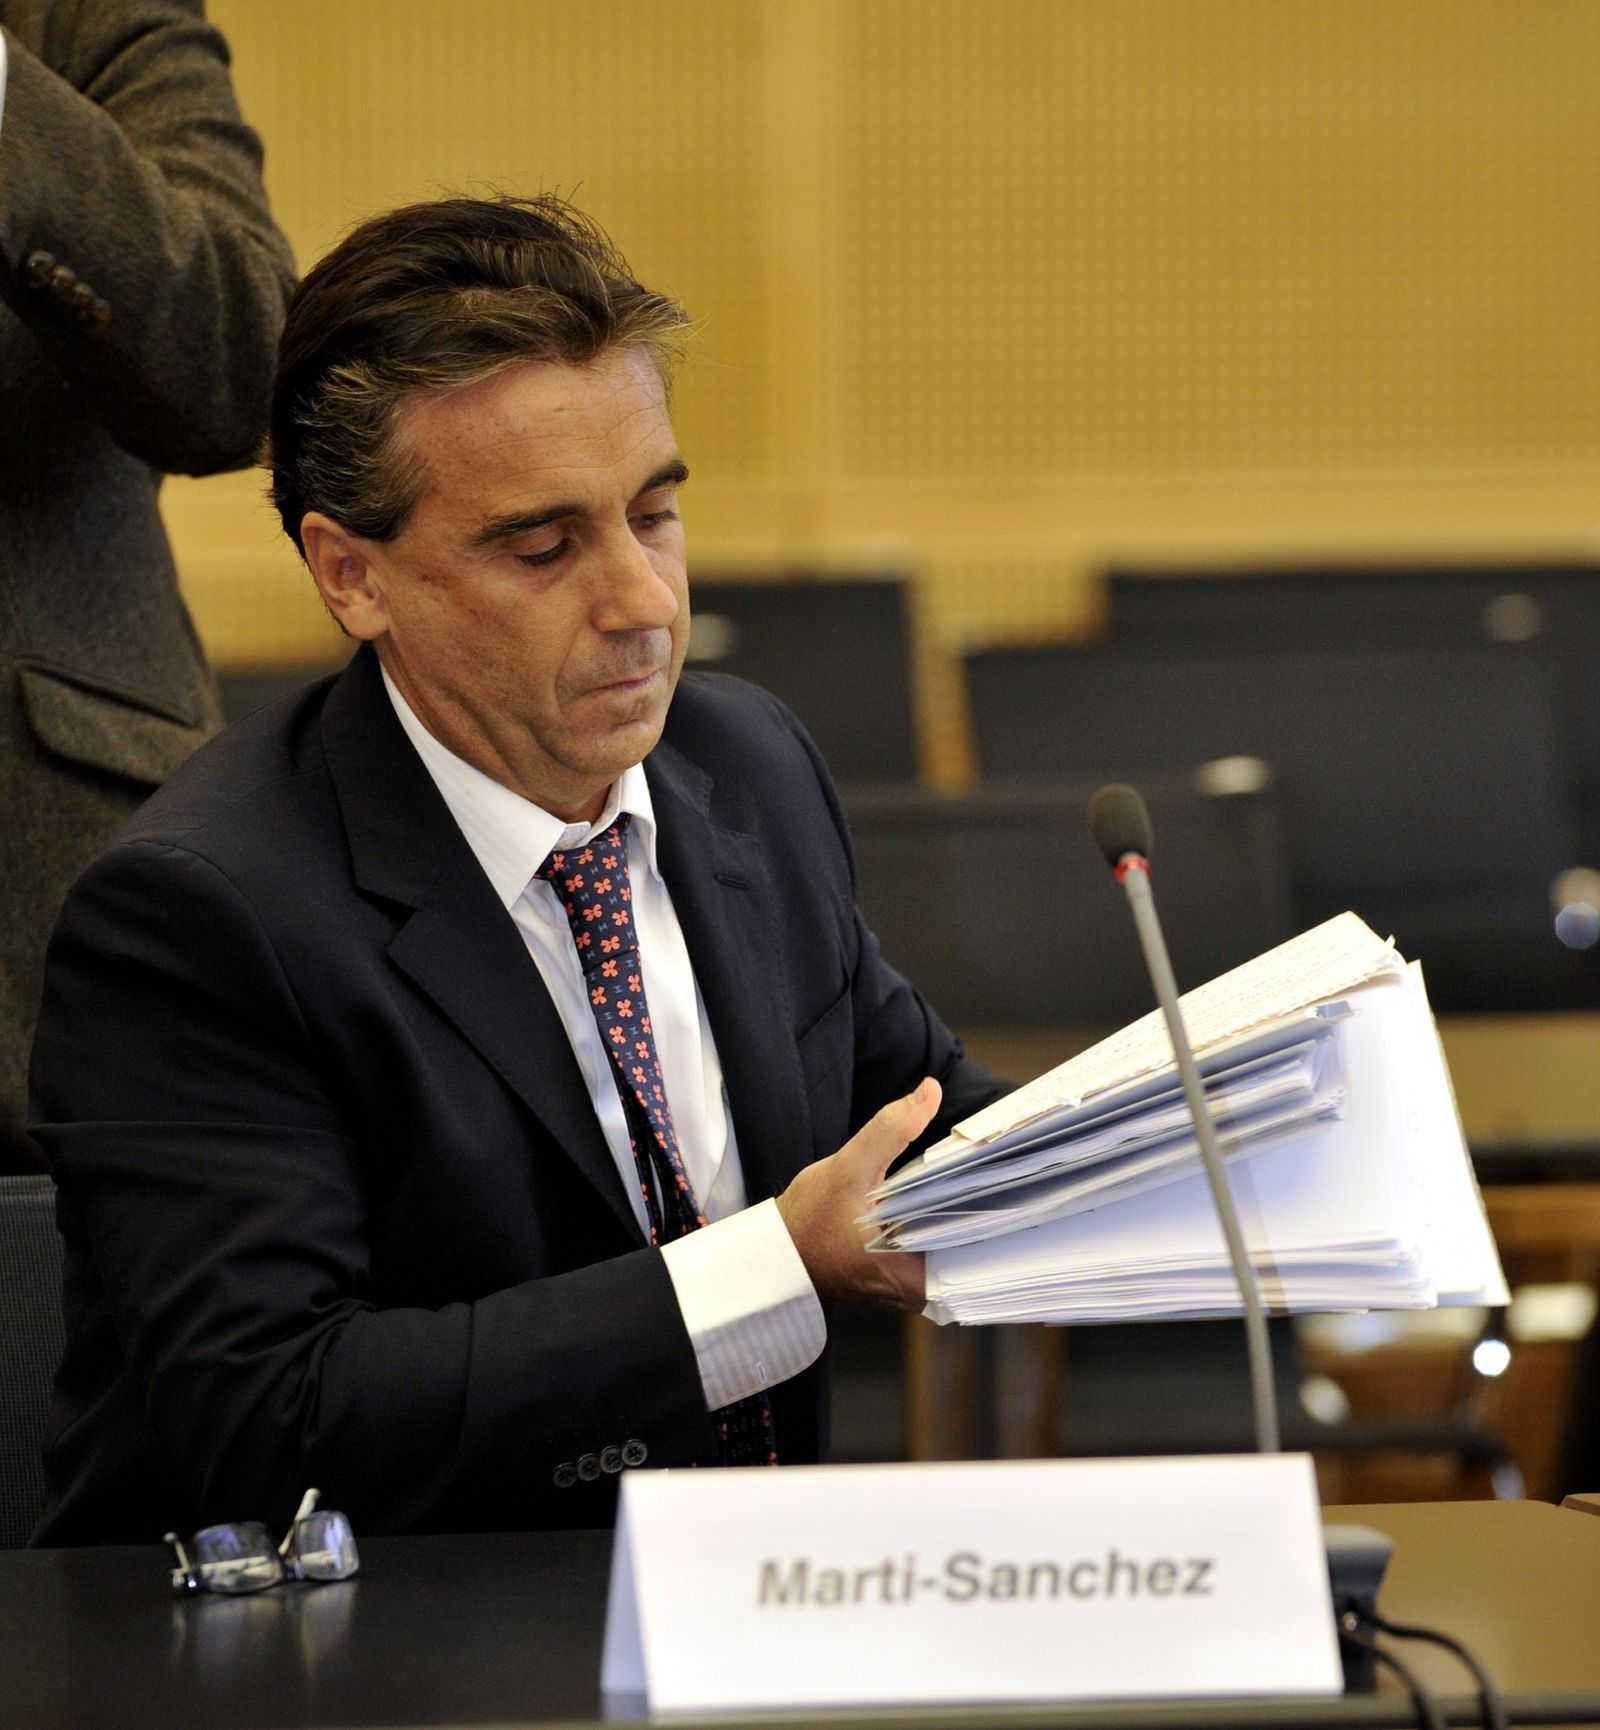 NICHT VERWENDEN Luis Marti-Sanchez